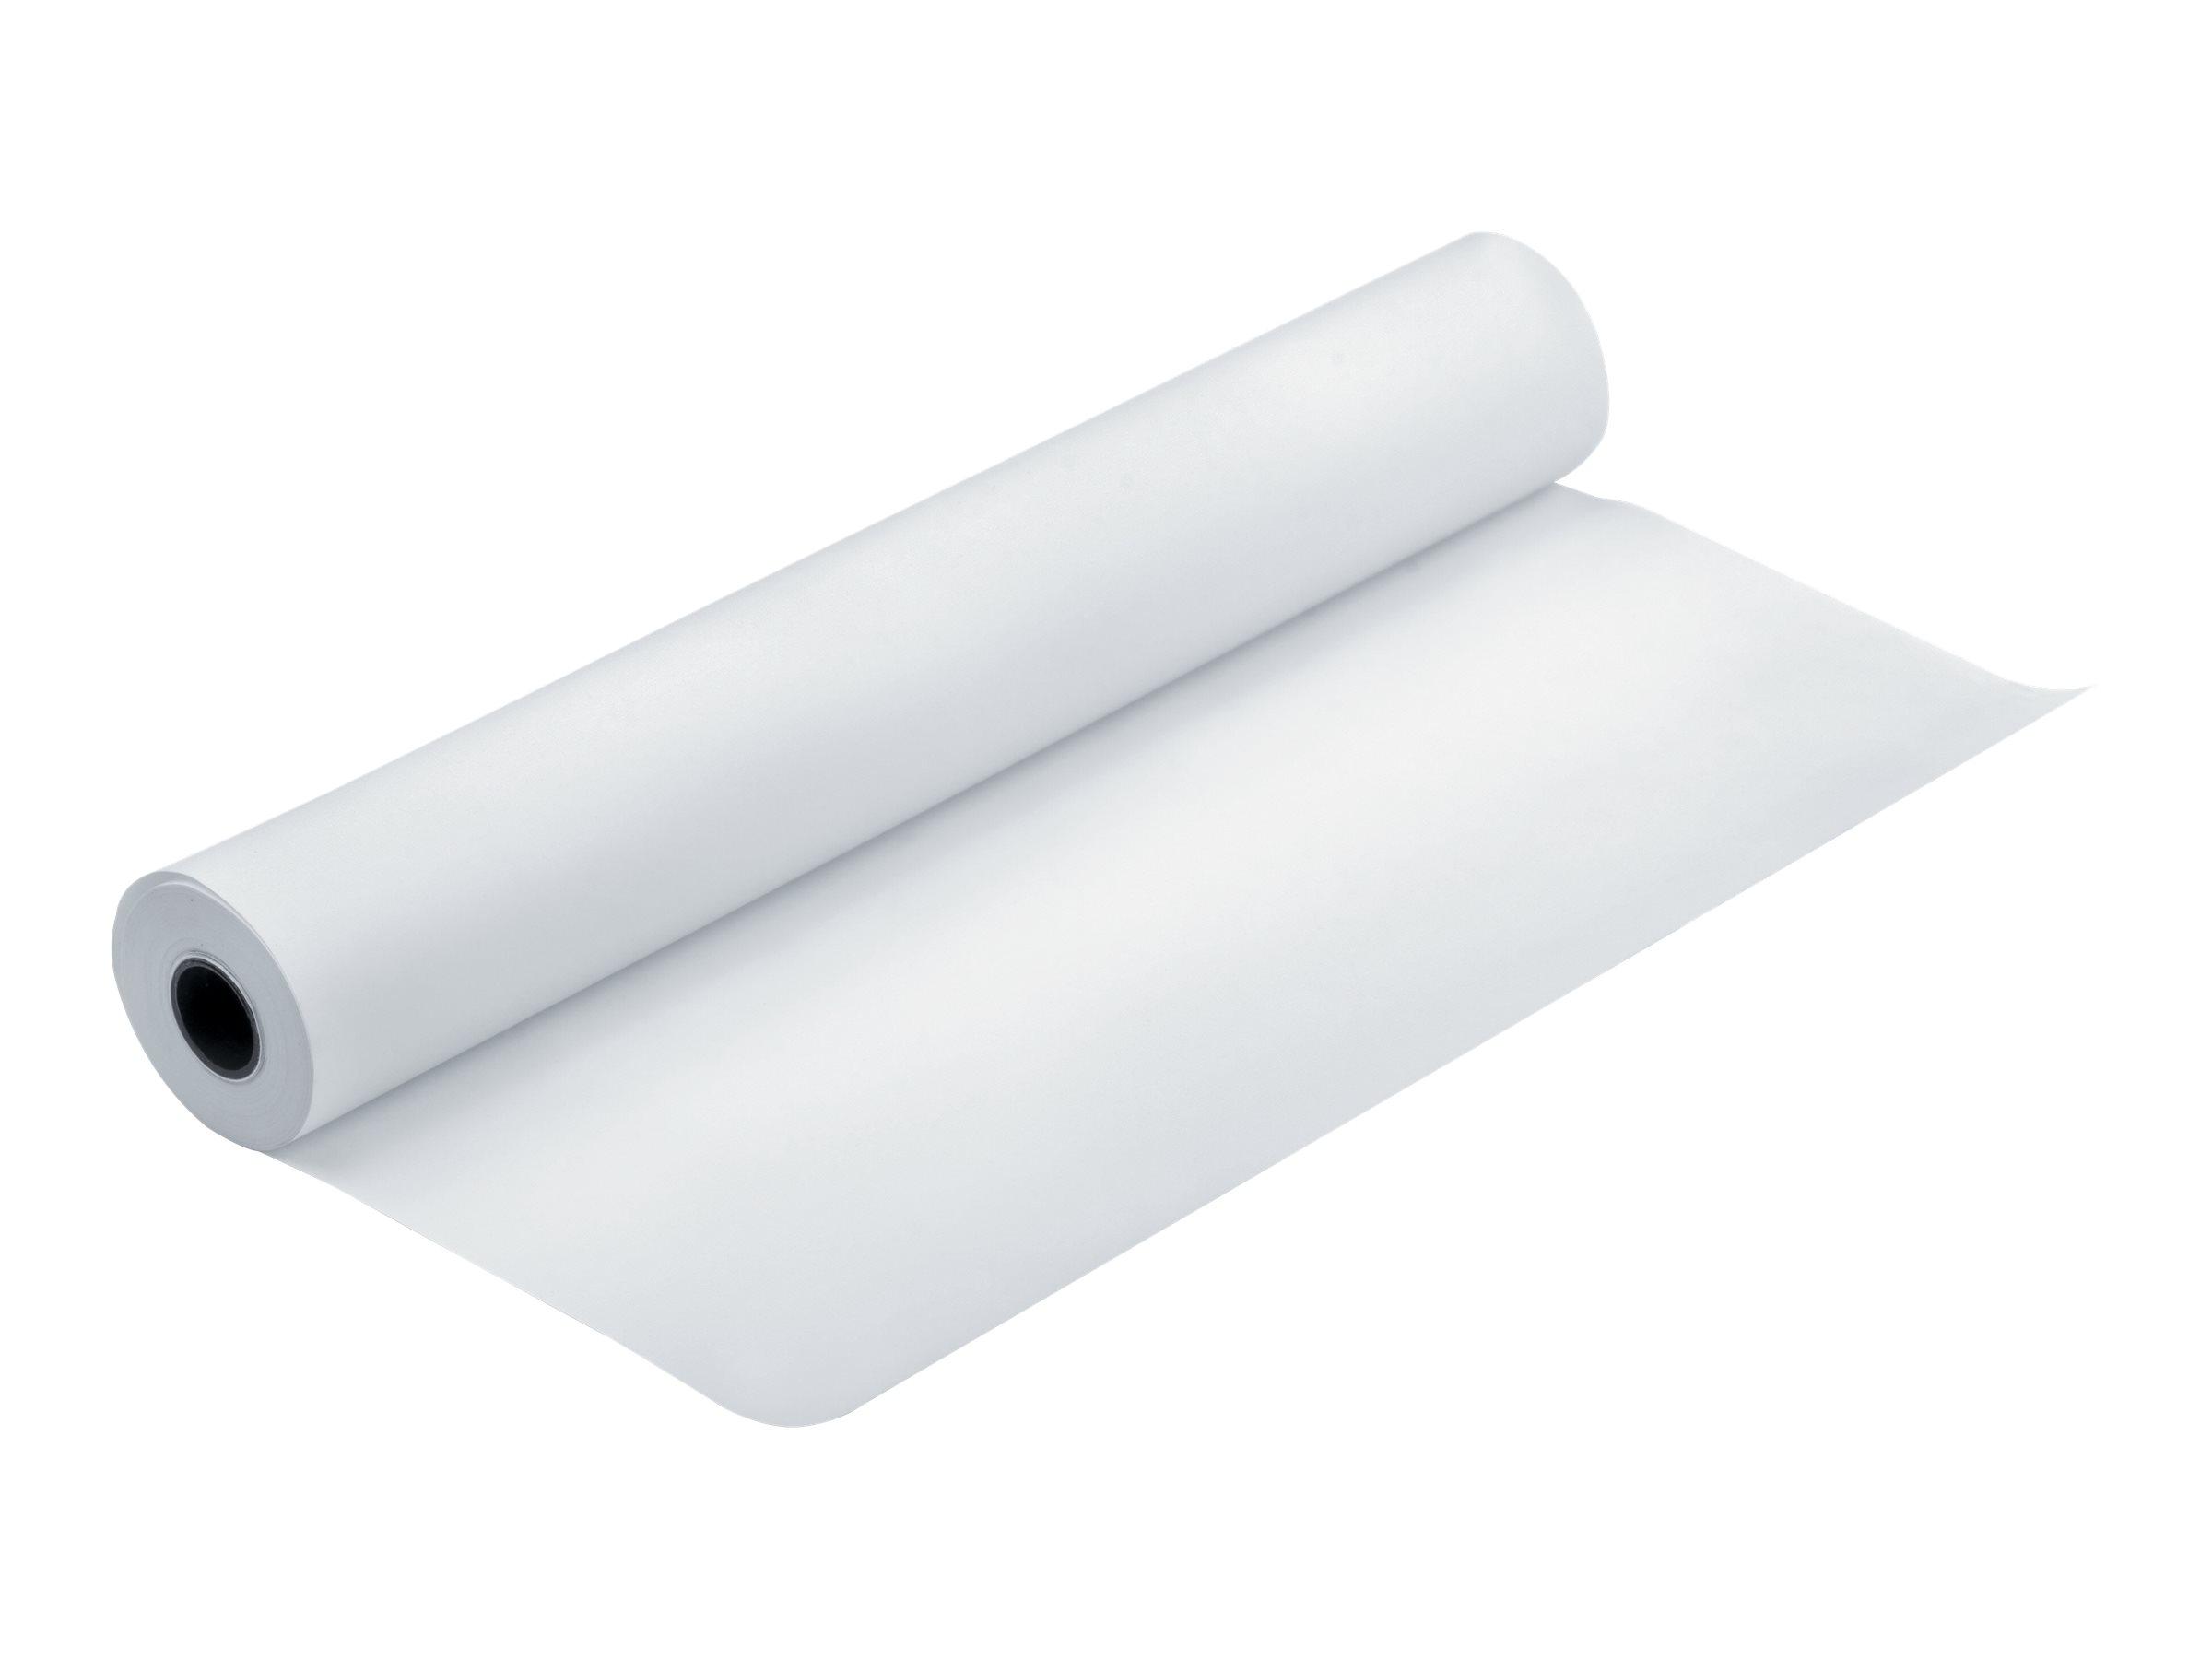 Epson Premium Luster Photo Paper (260) - Glanz - Roll (61 cm x 30,5 m) - 235 g/m² - 1 Rolle(n) Fotopapier - für SureColor SC-P10